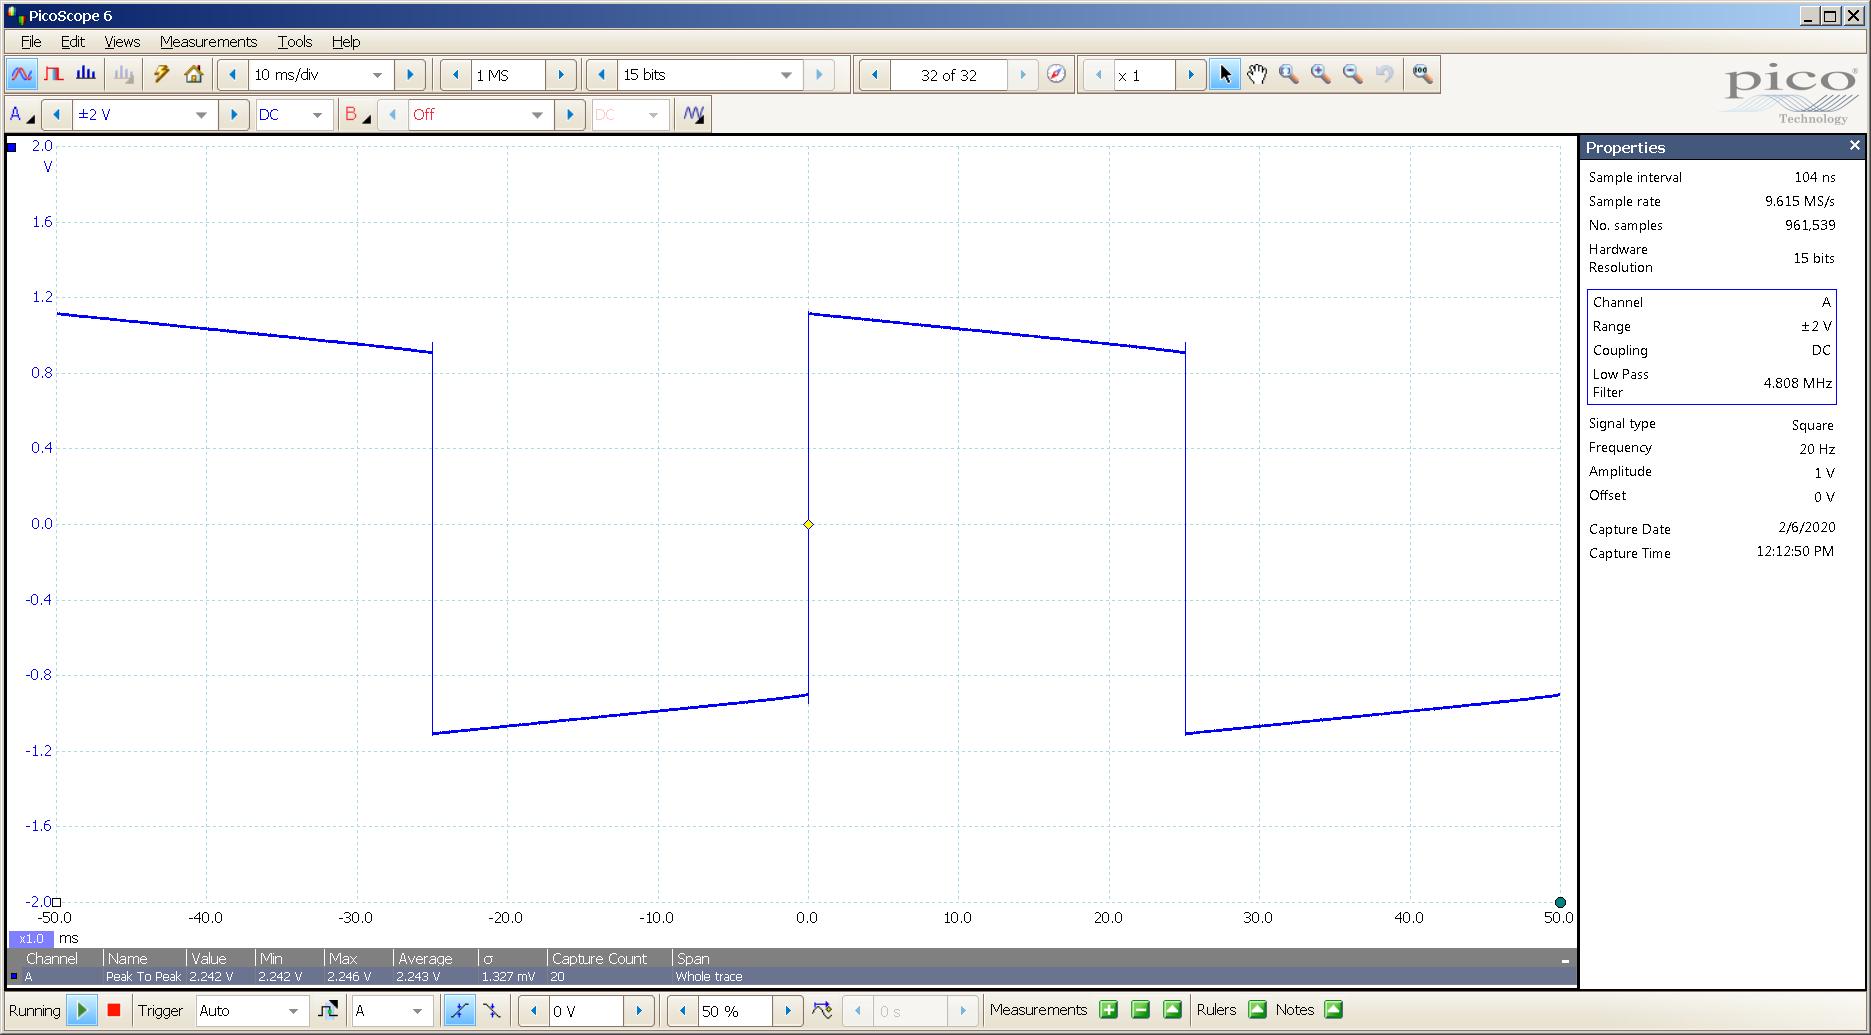 20200206 SigGen ECP T4 Mullard CV4024 20 Hz square 2000mVpp 10mS div 5MHz filter 300R.png